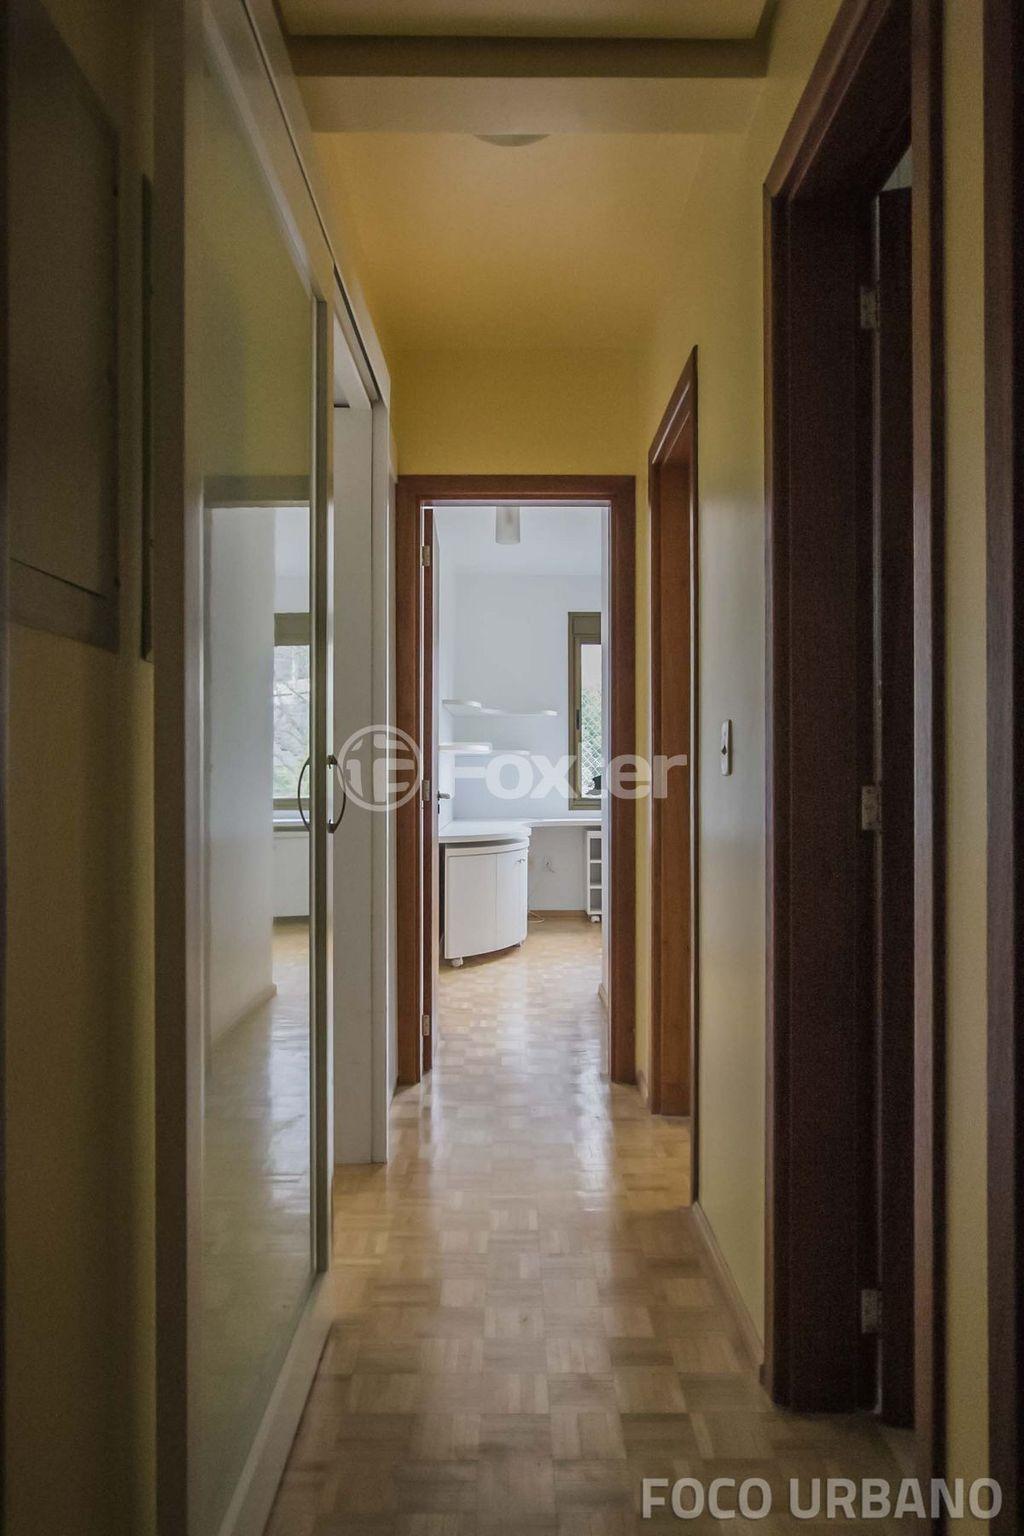 Apto 3 Dorm, Bela Vista, Porto Alegre (130456) - Foto 9